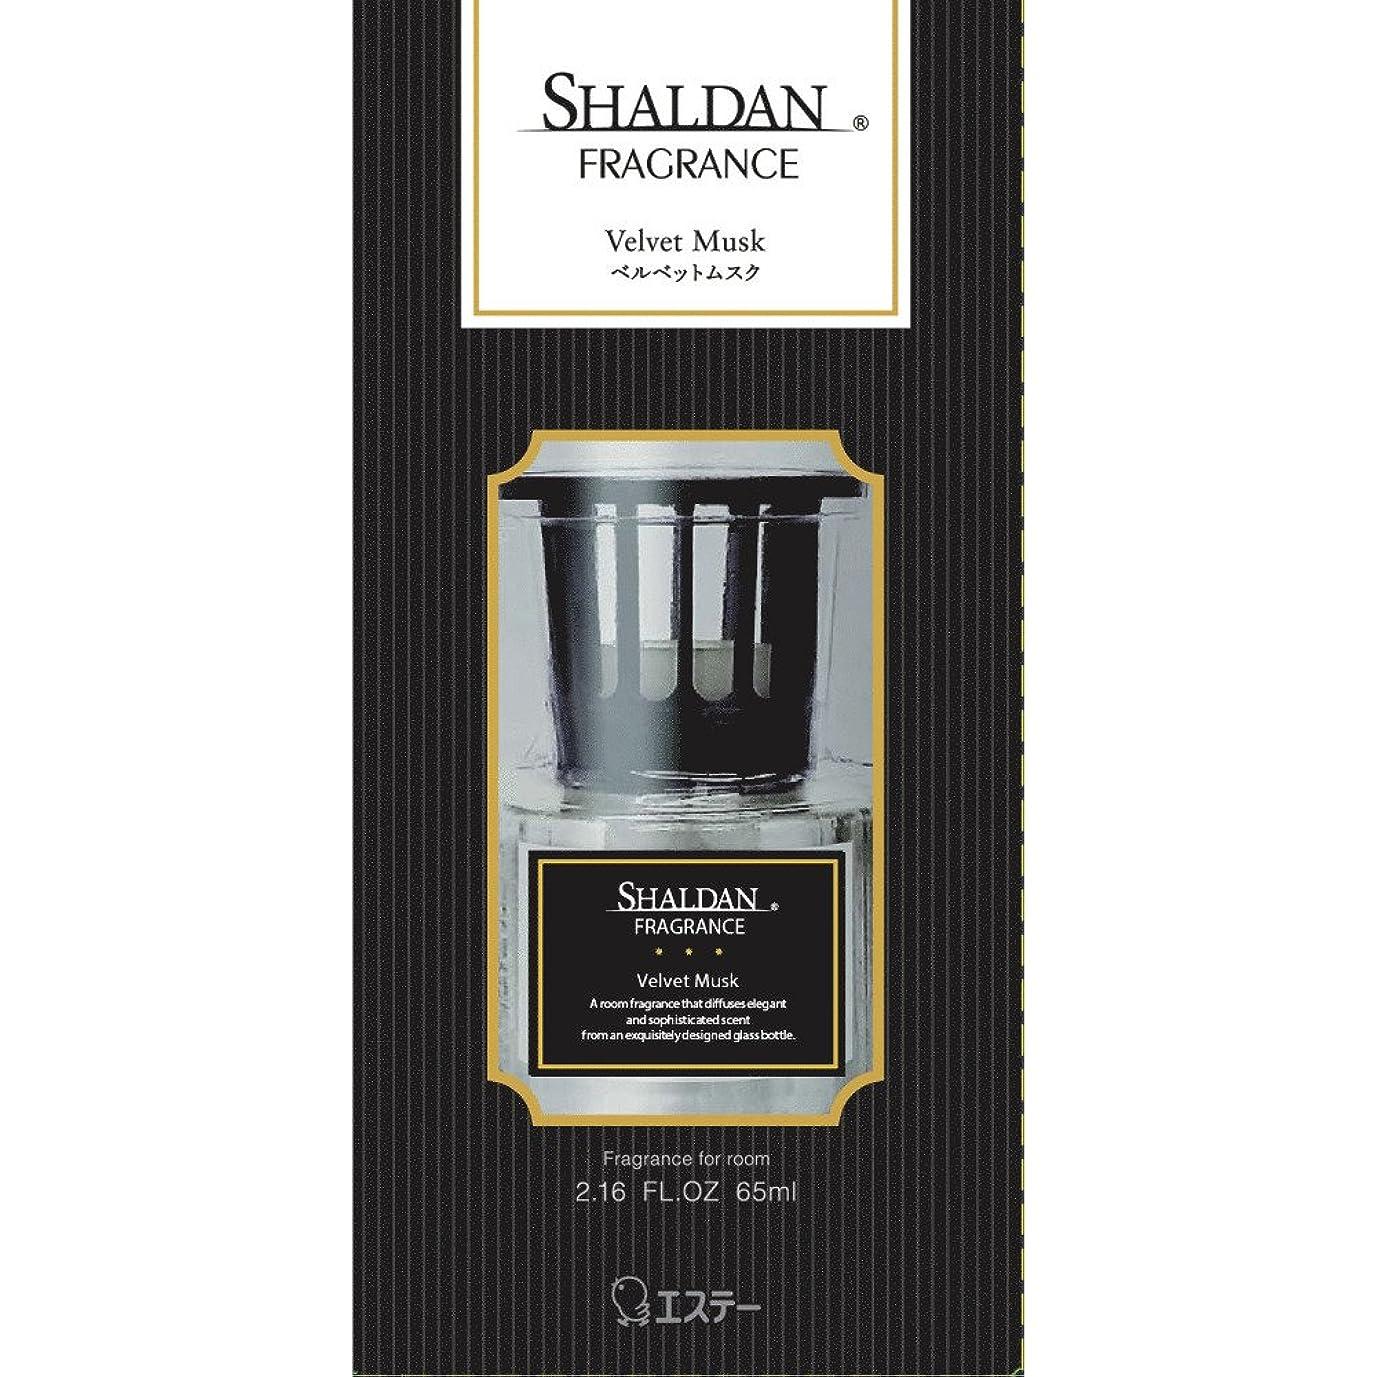 パンフレット異邦人部分的にシャルダン SHALDAN フレグランス 消臭芳香剤 部屋用 本体 ベルベットムスク 65ml